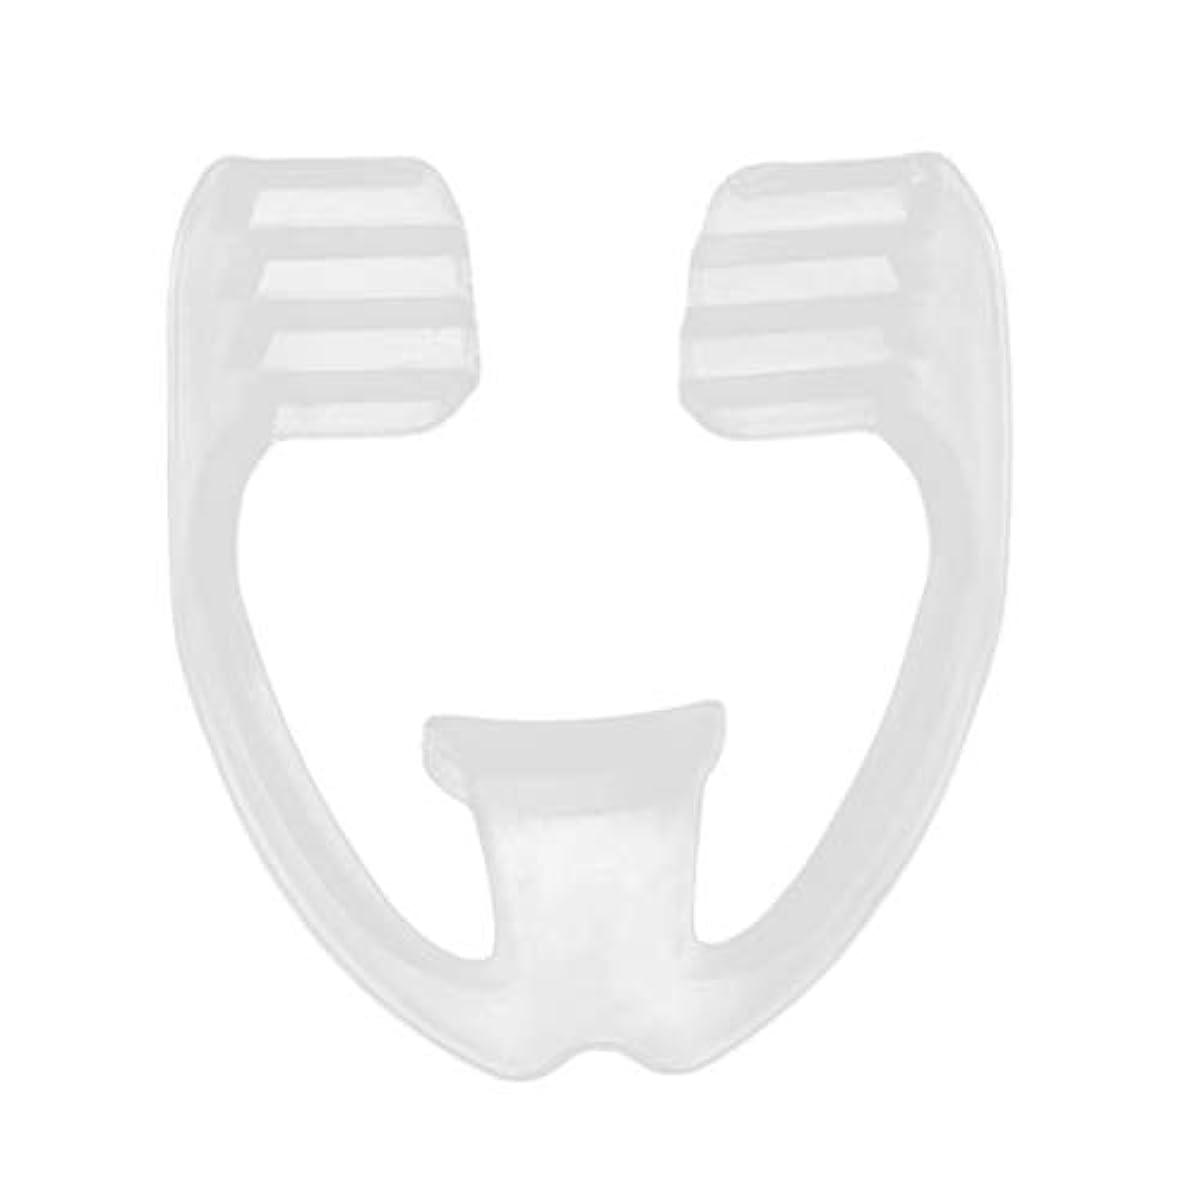 若いペストリー印象Intercoreyユニバーサルナイトスリープマウスガードストップ歯ひび割れ防止いびきボディヘルスケア睡眠補助ガード